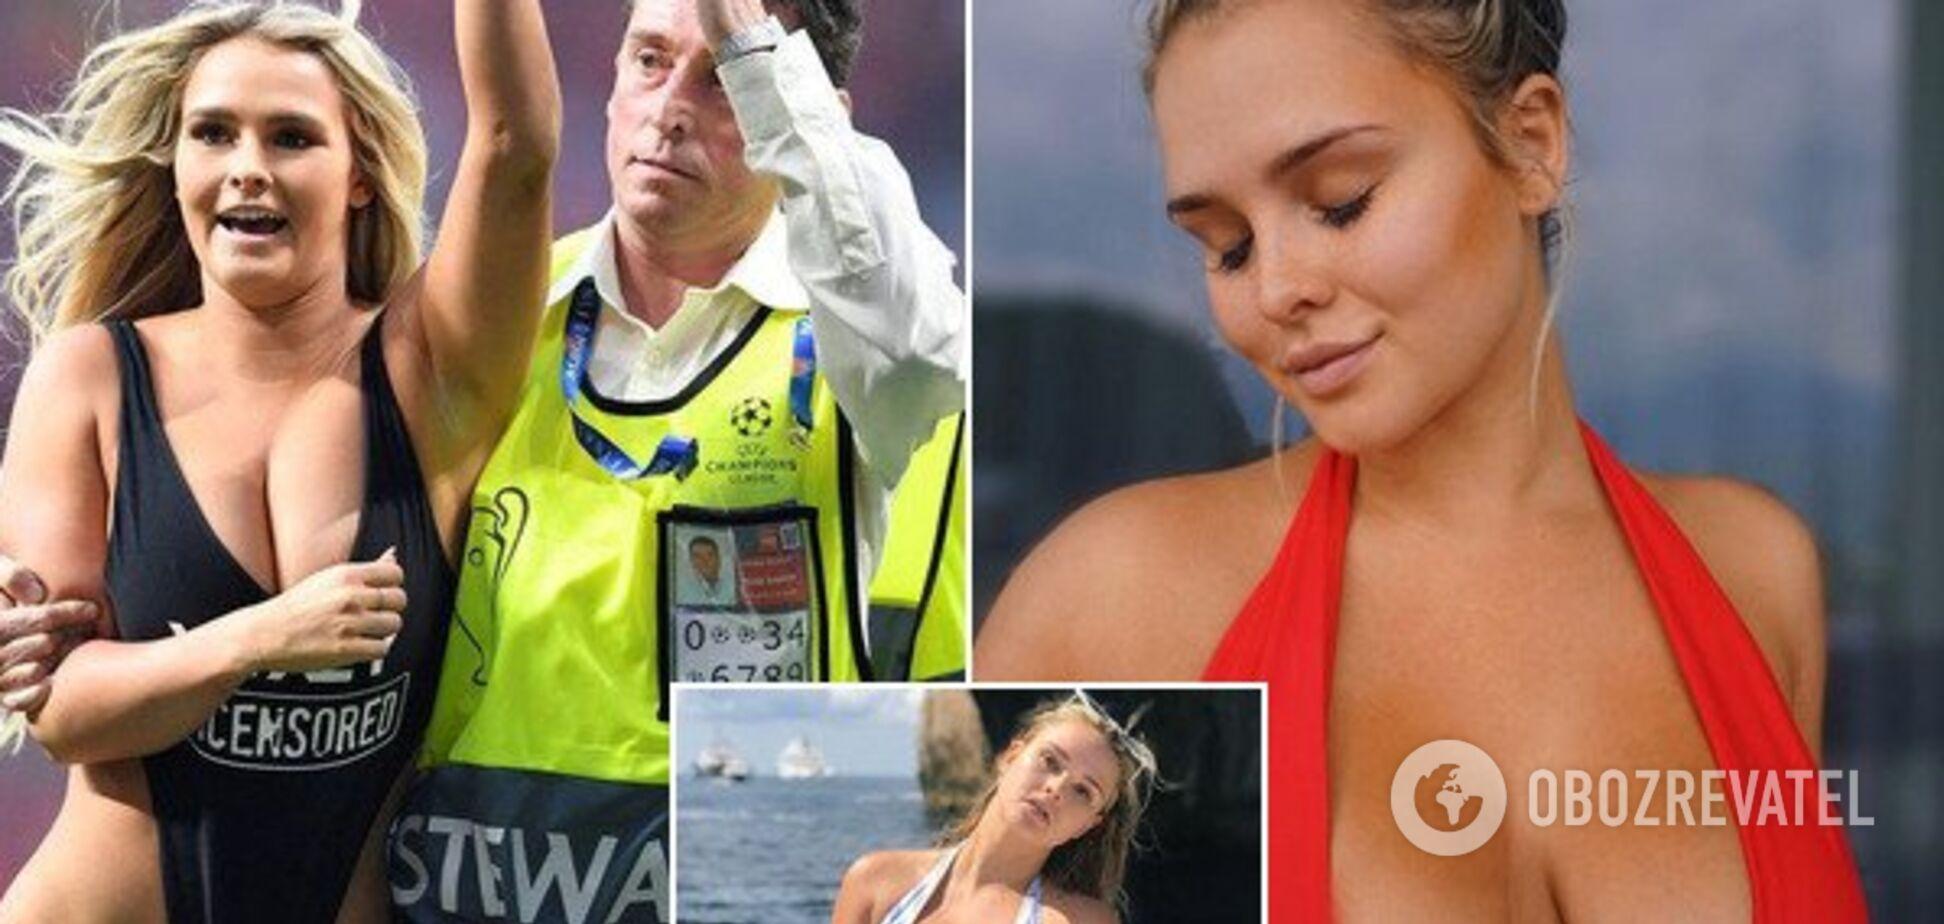 В сети нашли откровенные фото модели, выбежавшей раздетой на финале Лиги чемпионов